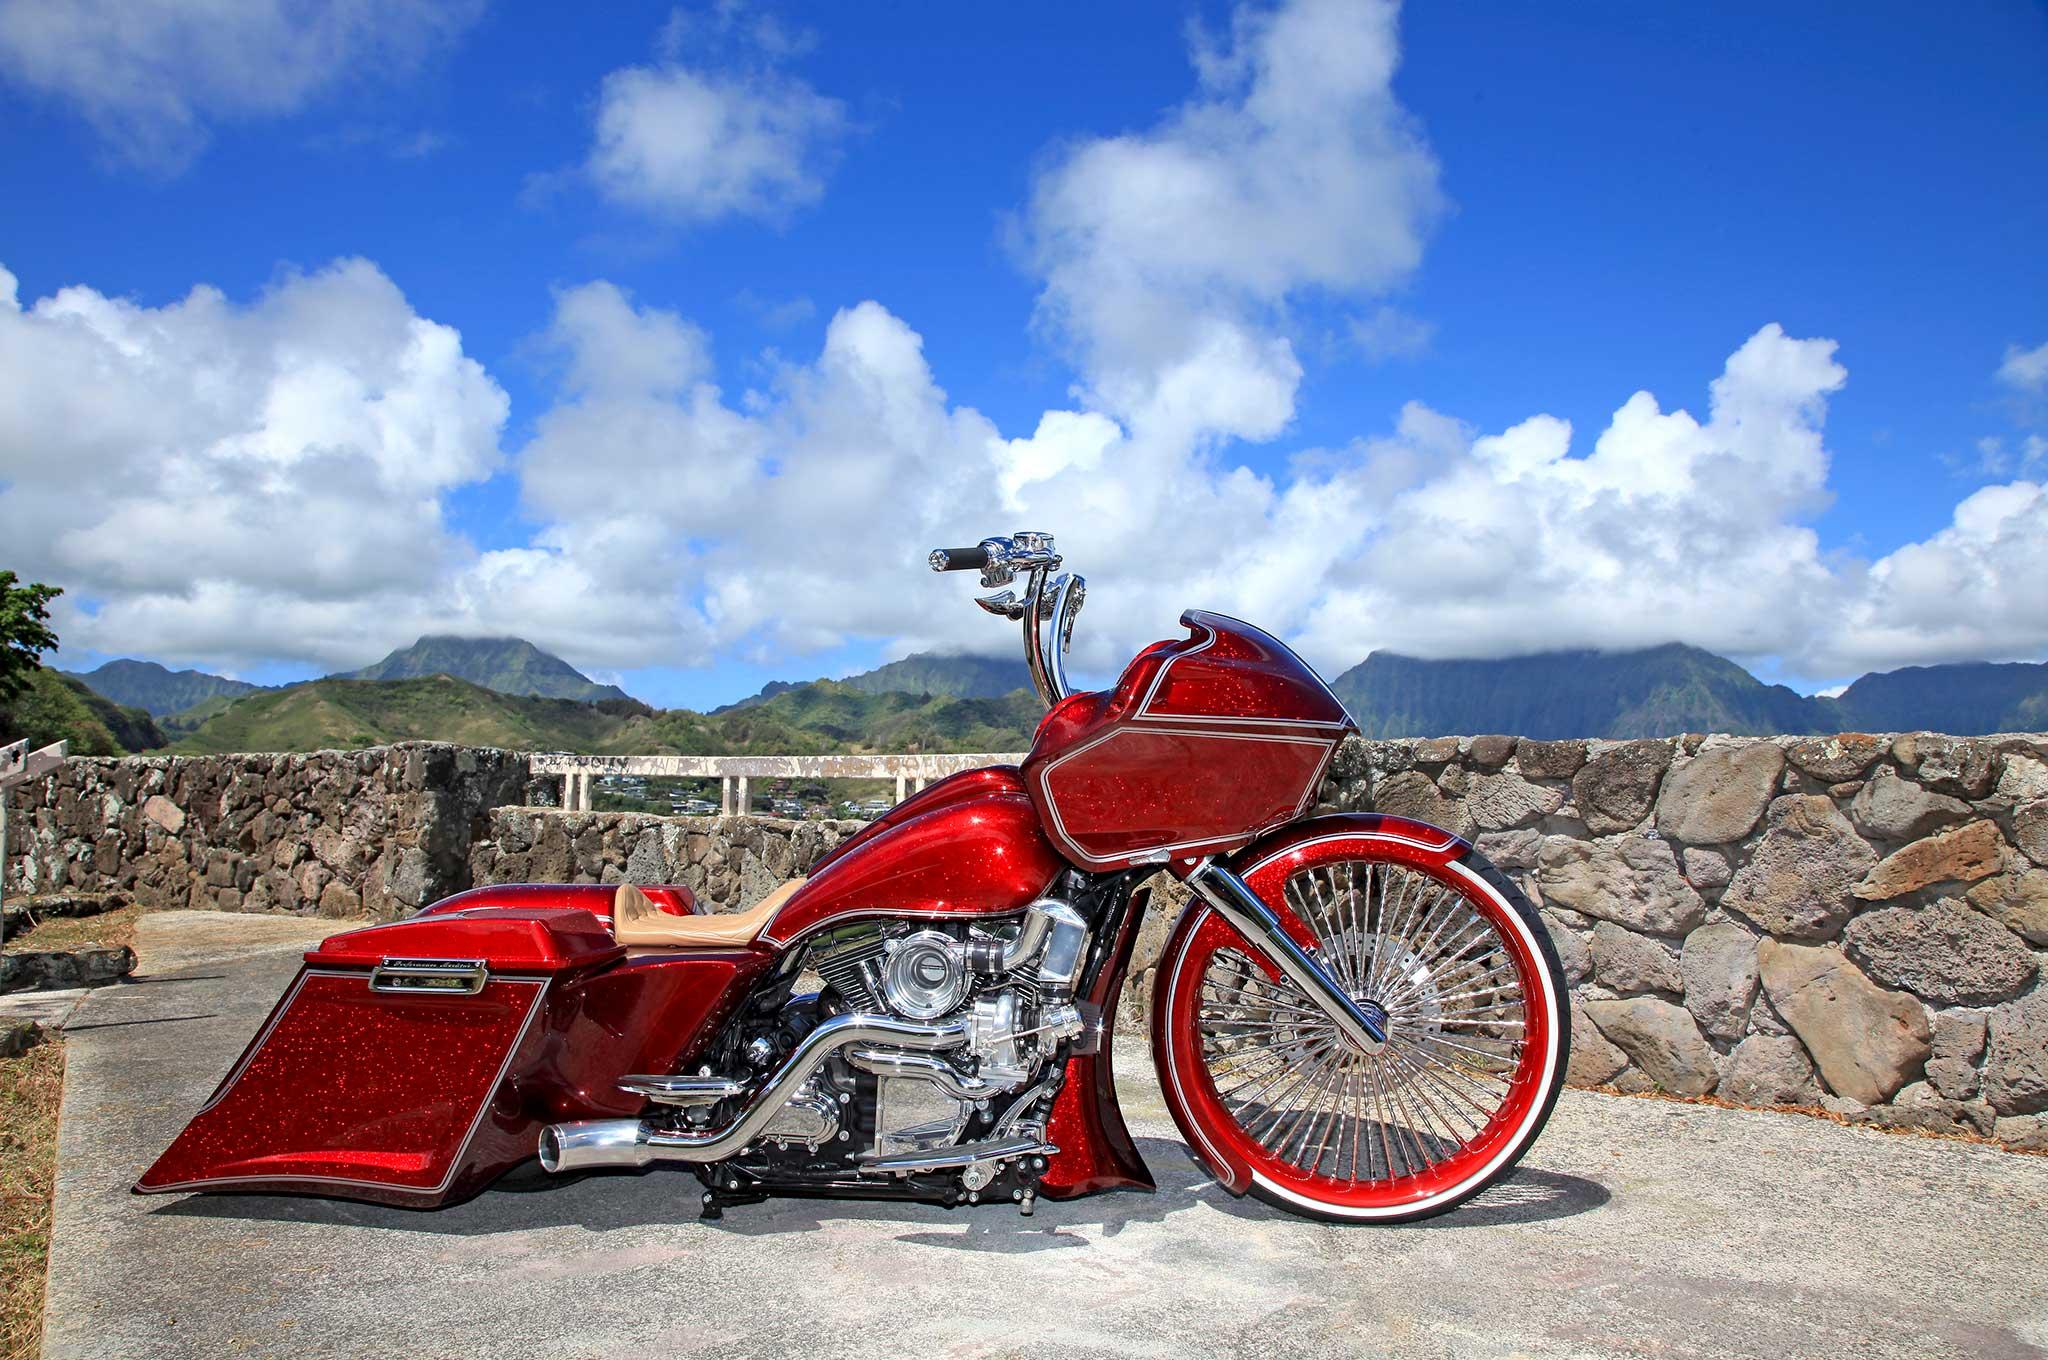 007 2013 harley davidson road glide side profile